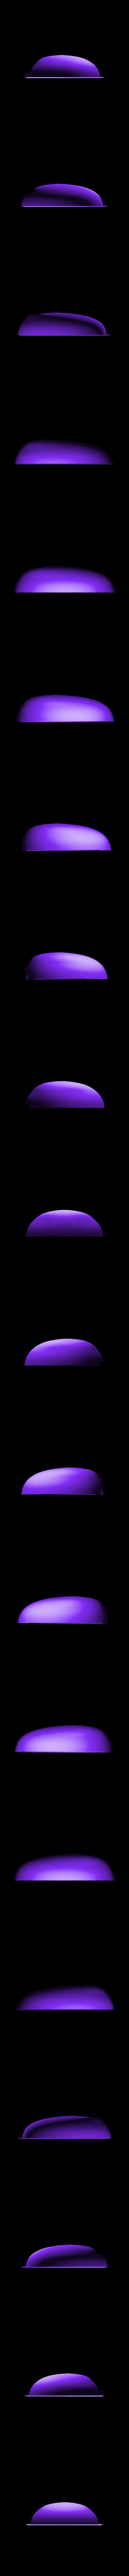 Oval Gem.stl Download STL file Steven Universe Cosplay Gem Set • 3D printable object, httpkoopa